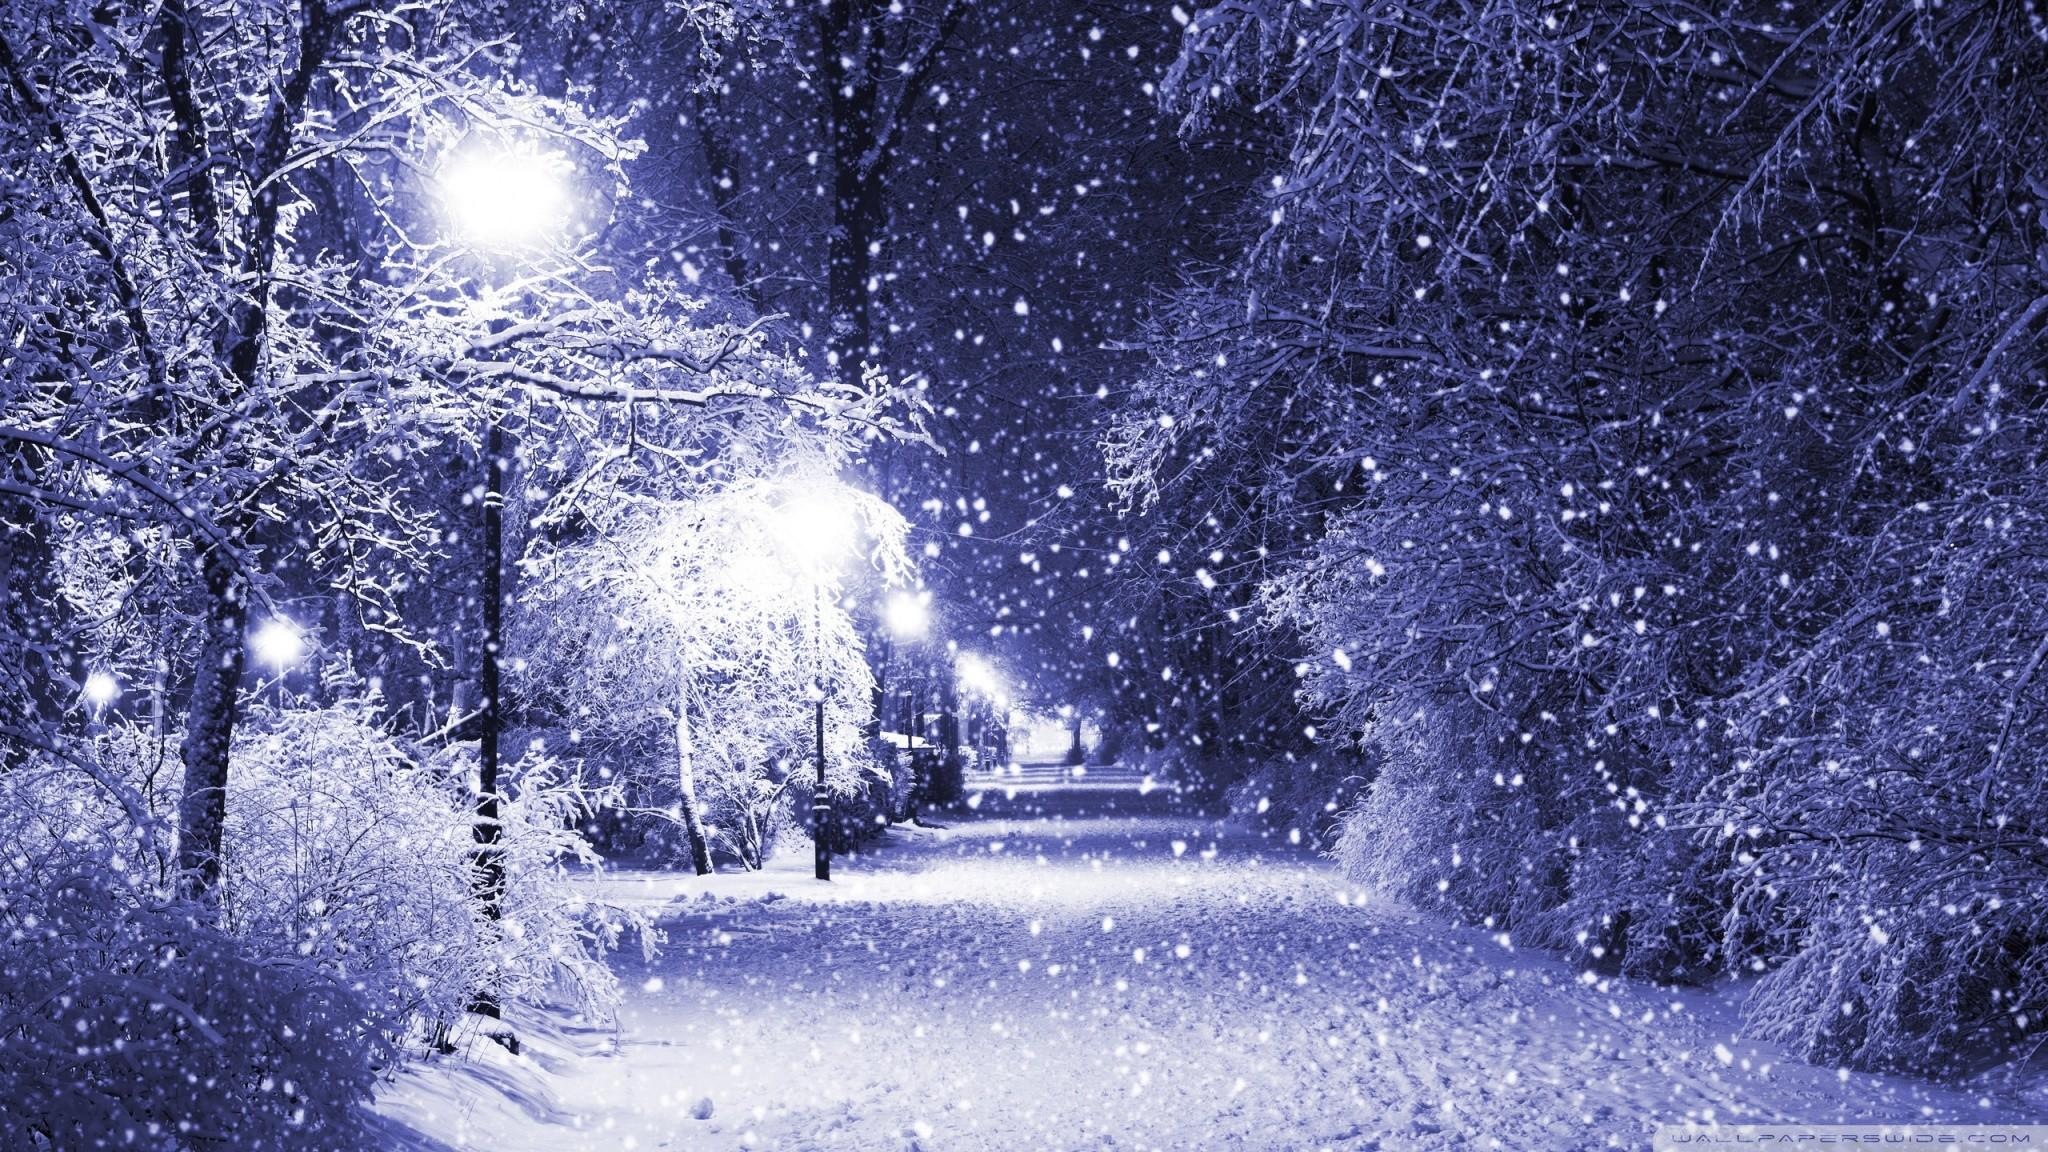 Best 25+ Winter wallpaper hd ideas only on Pinterest | Winter wallpapers,  Winter iphone wallpaper and Screensaver